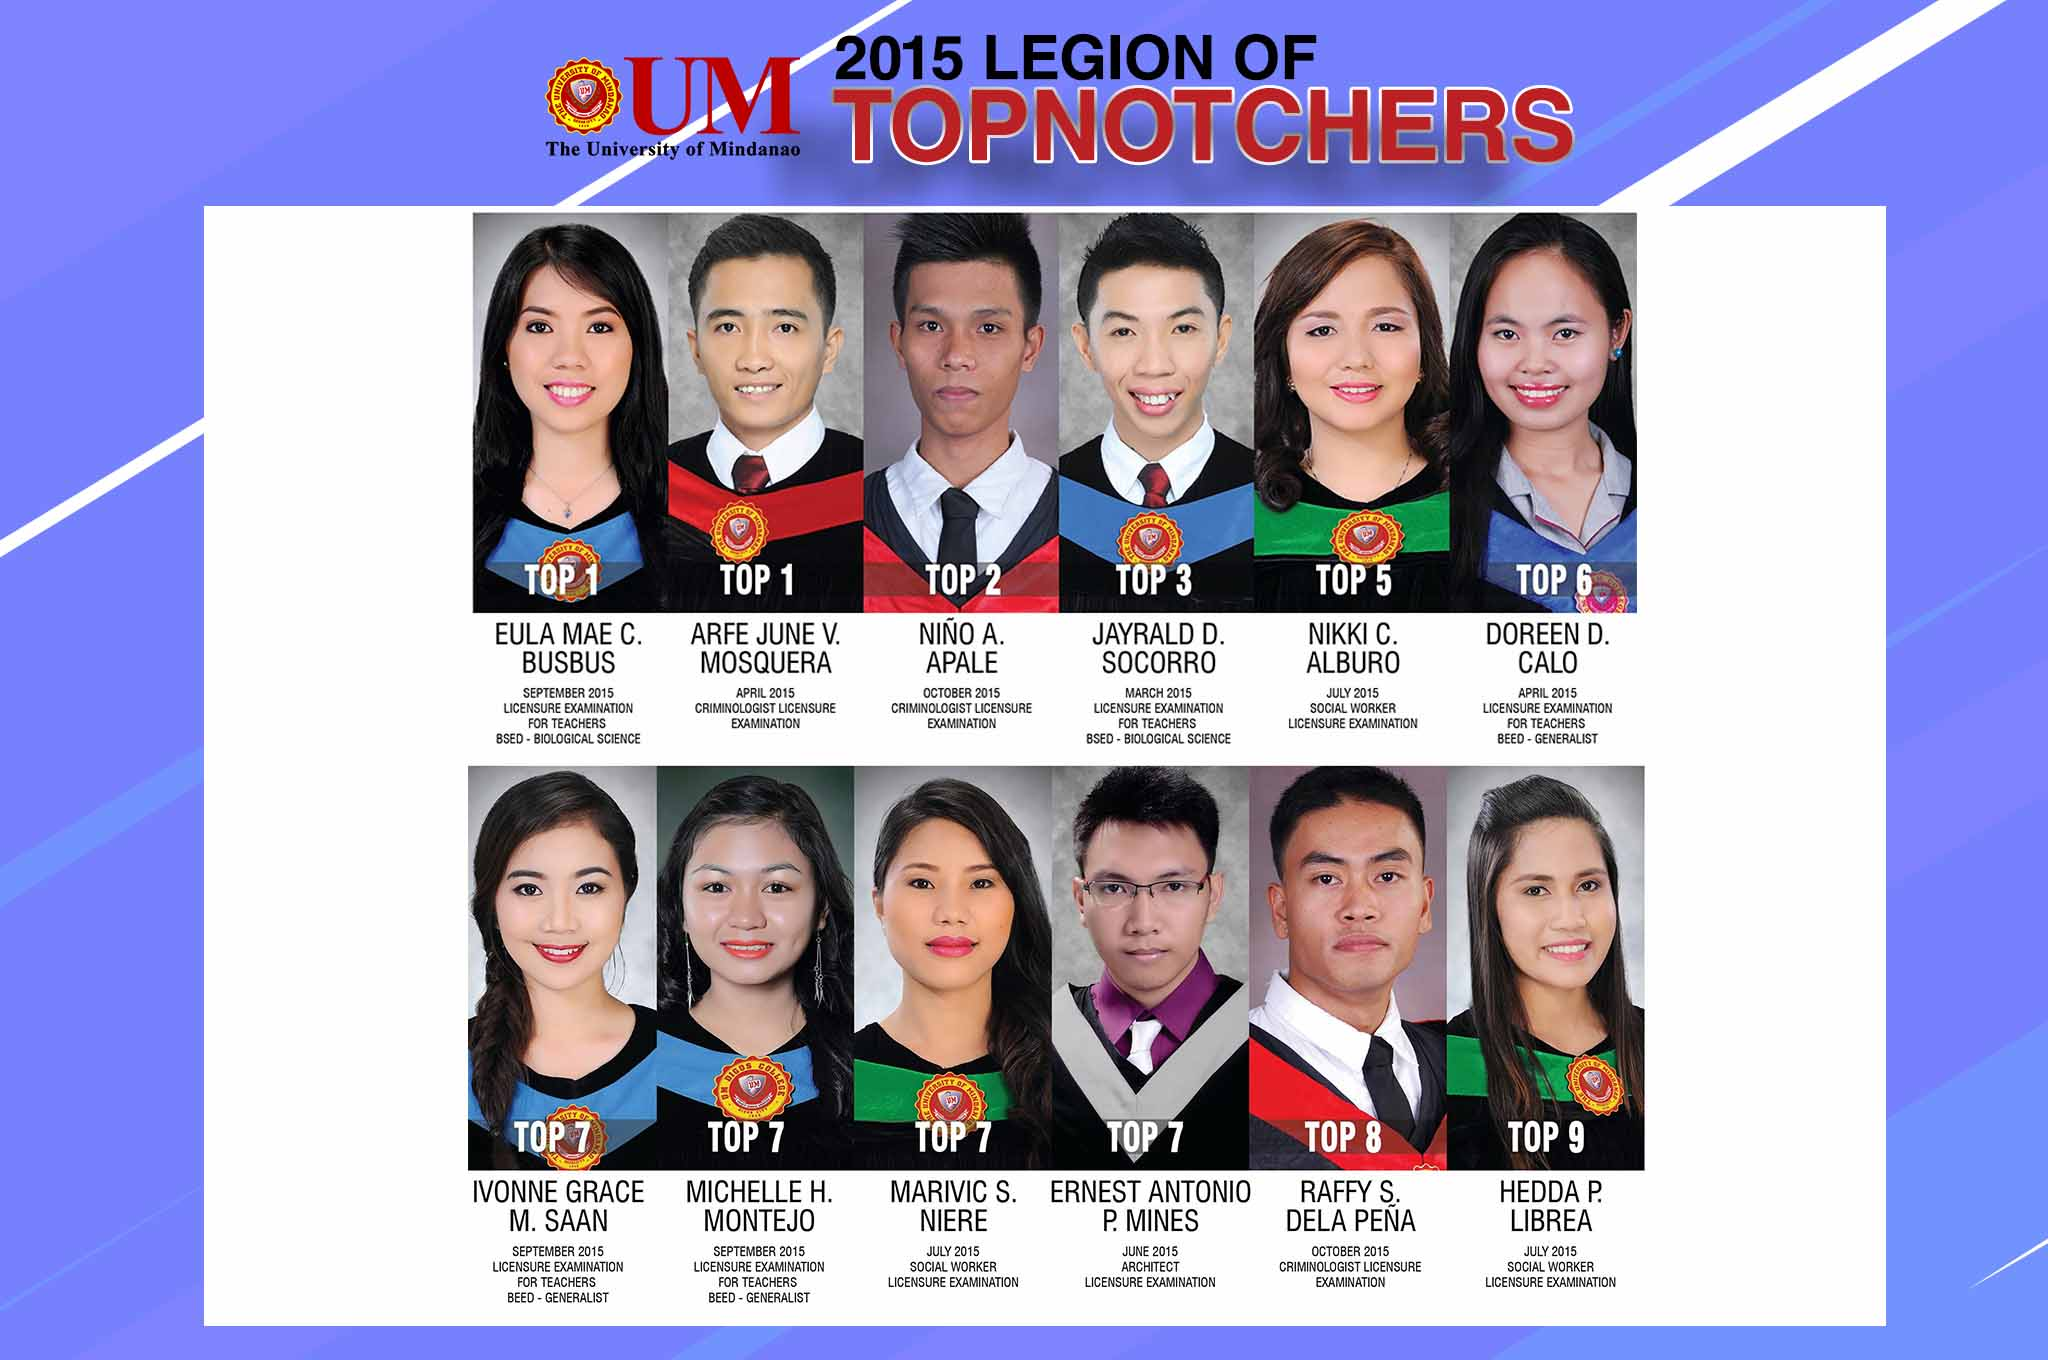 2015 Legion